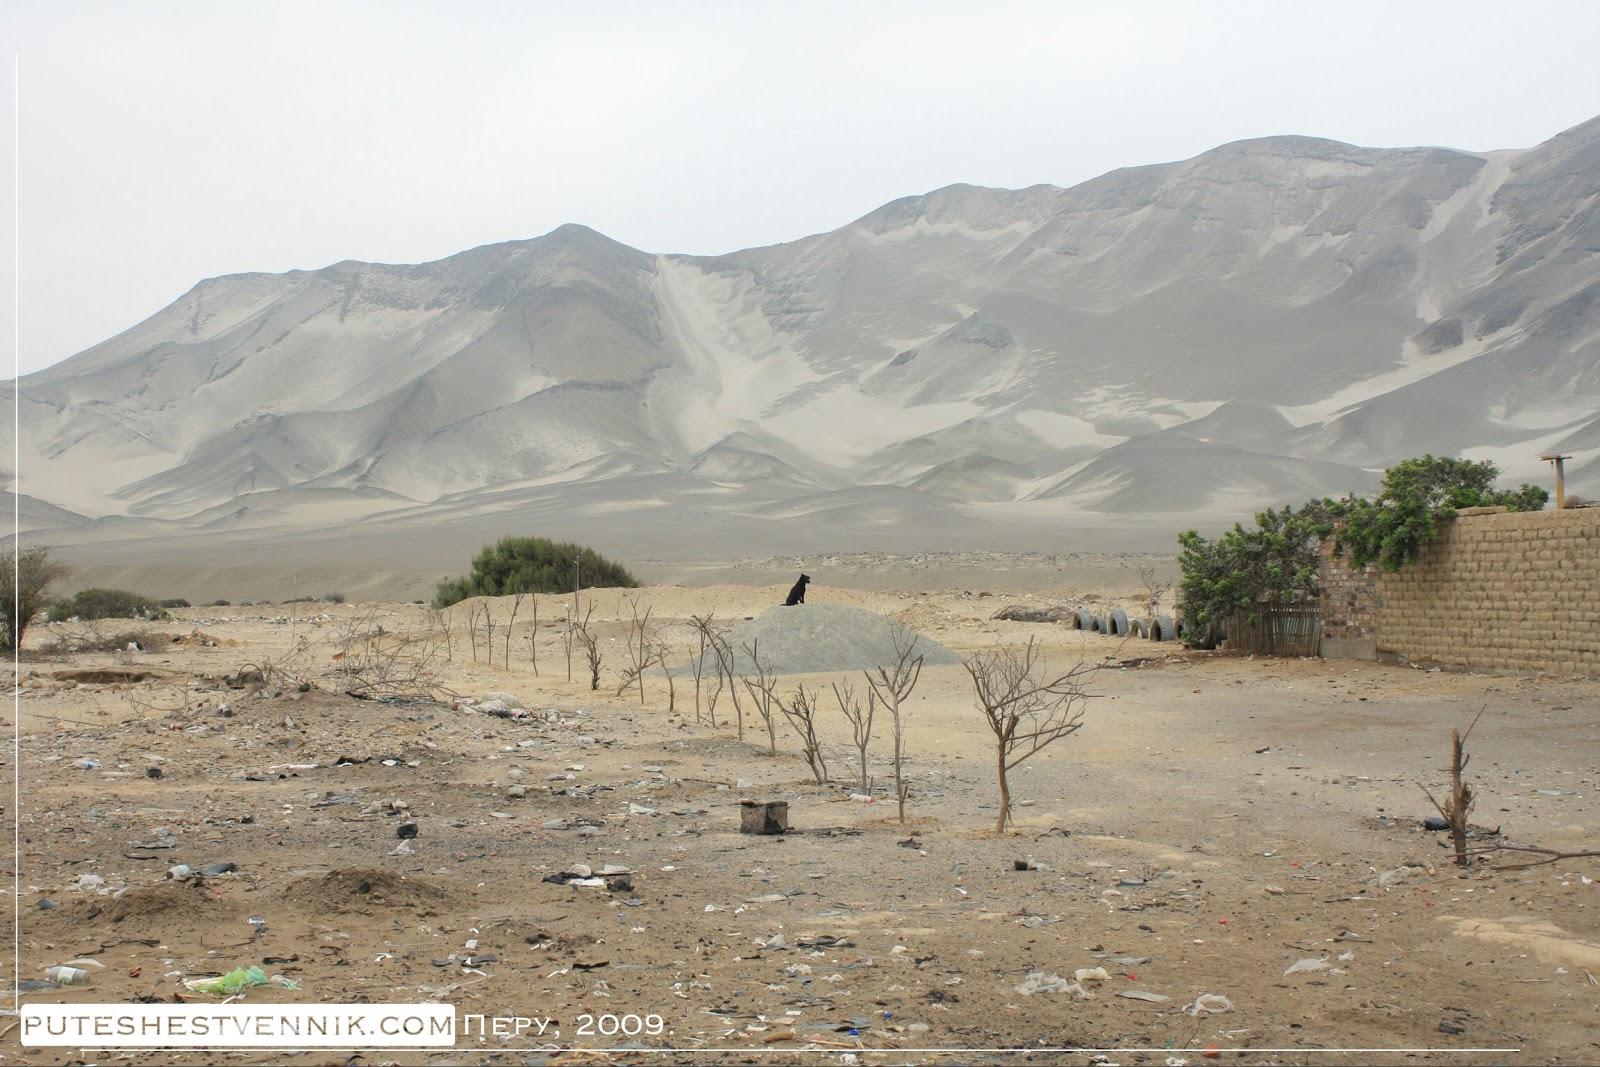 Собака и высокие дюны в Перу